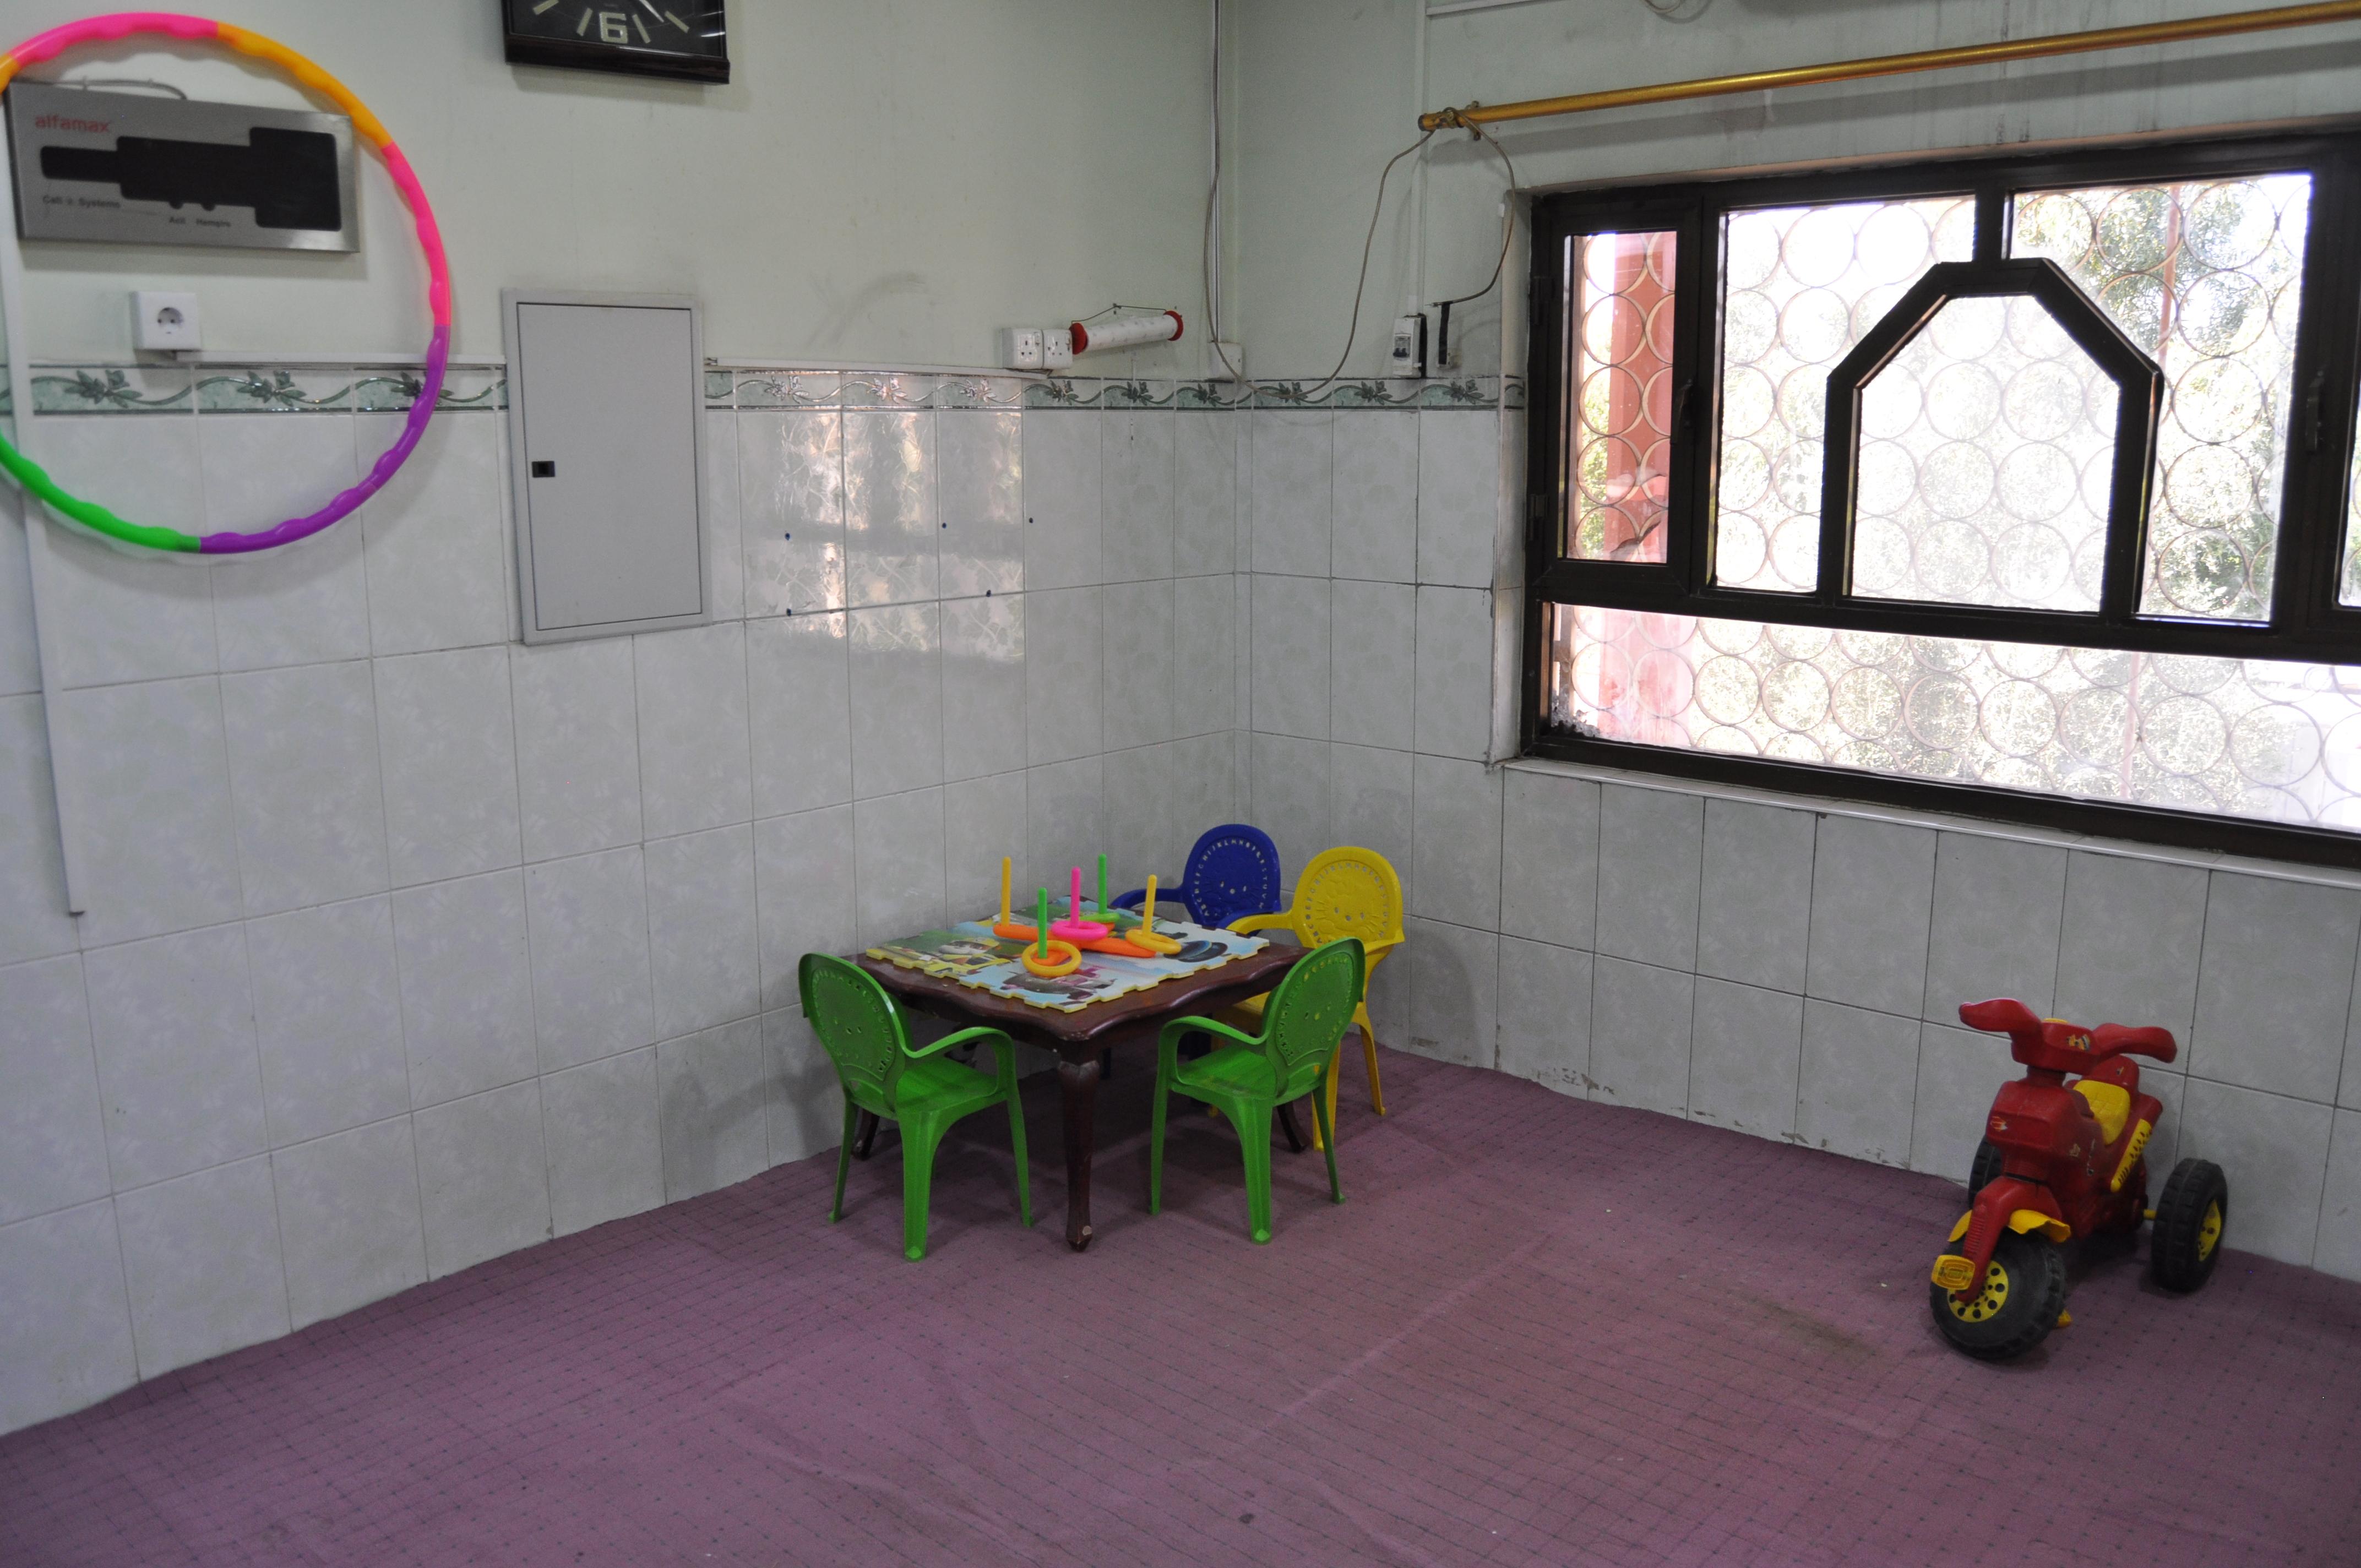 Kirkouk_Centre_autisme_salle3_thérapie